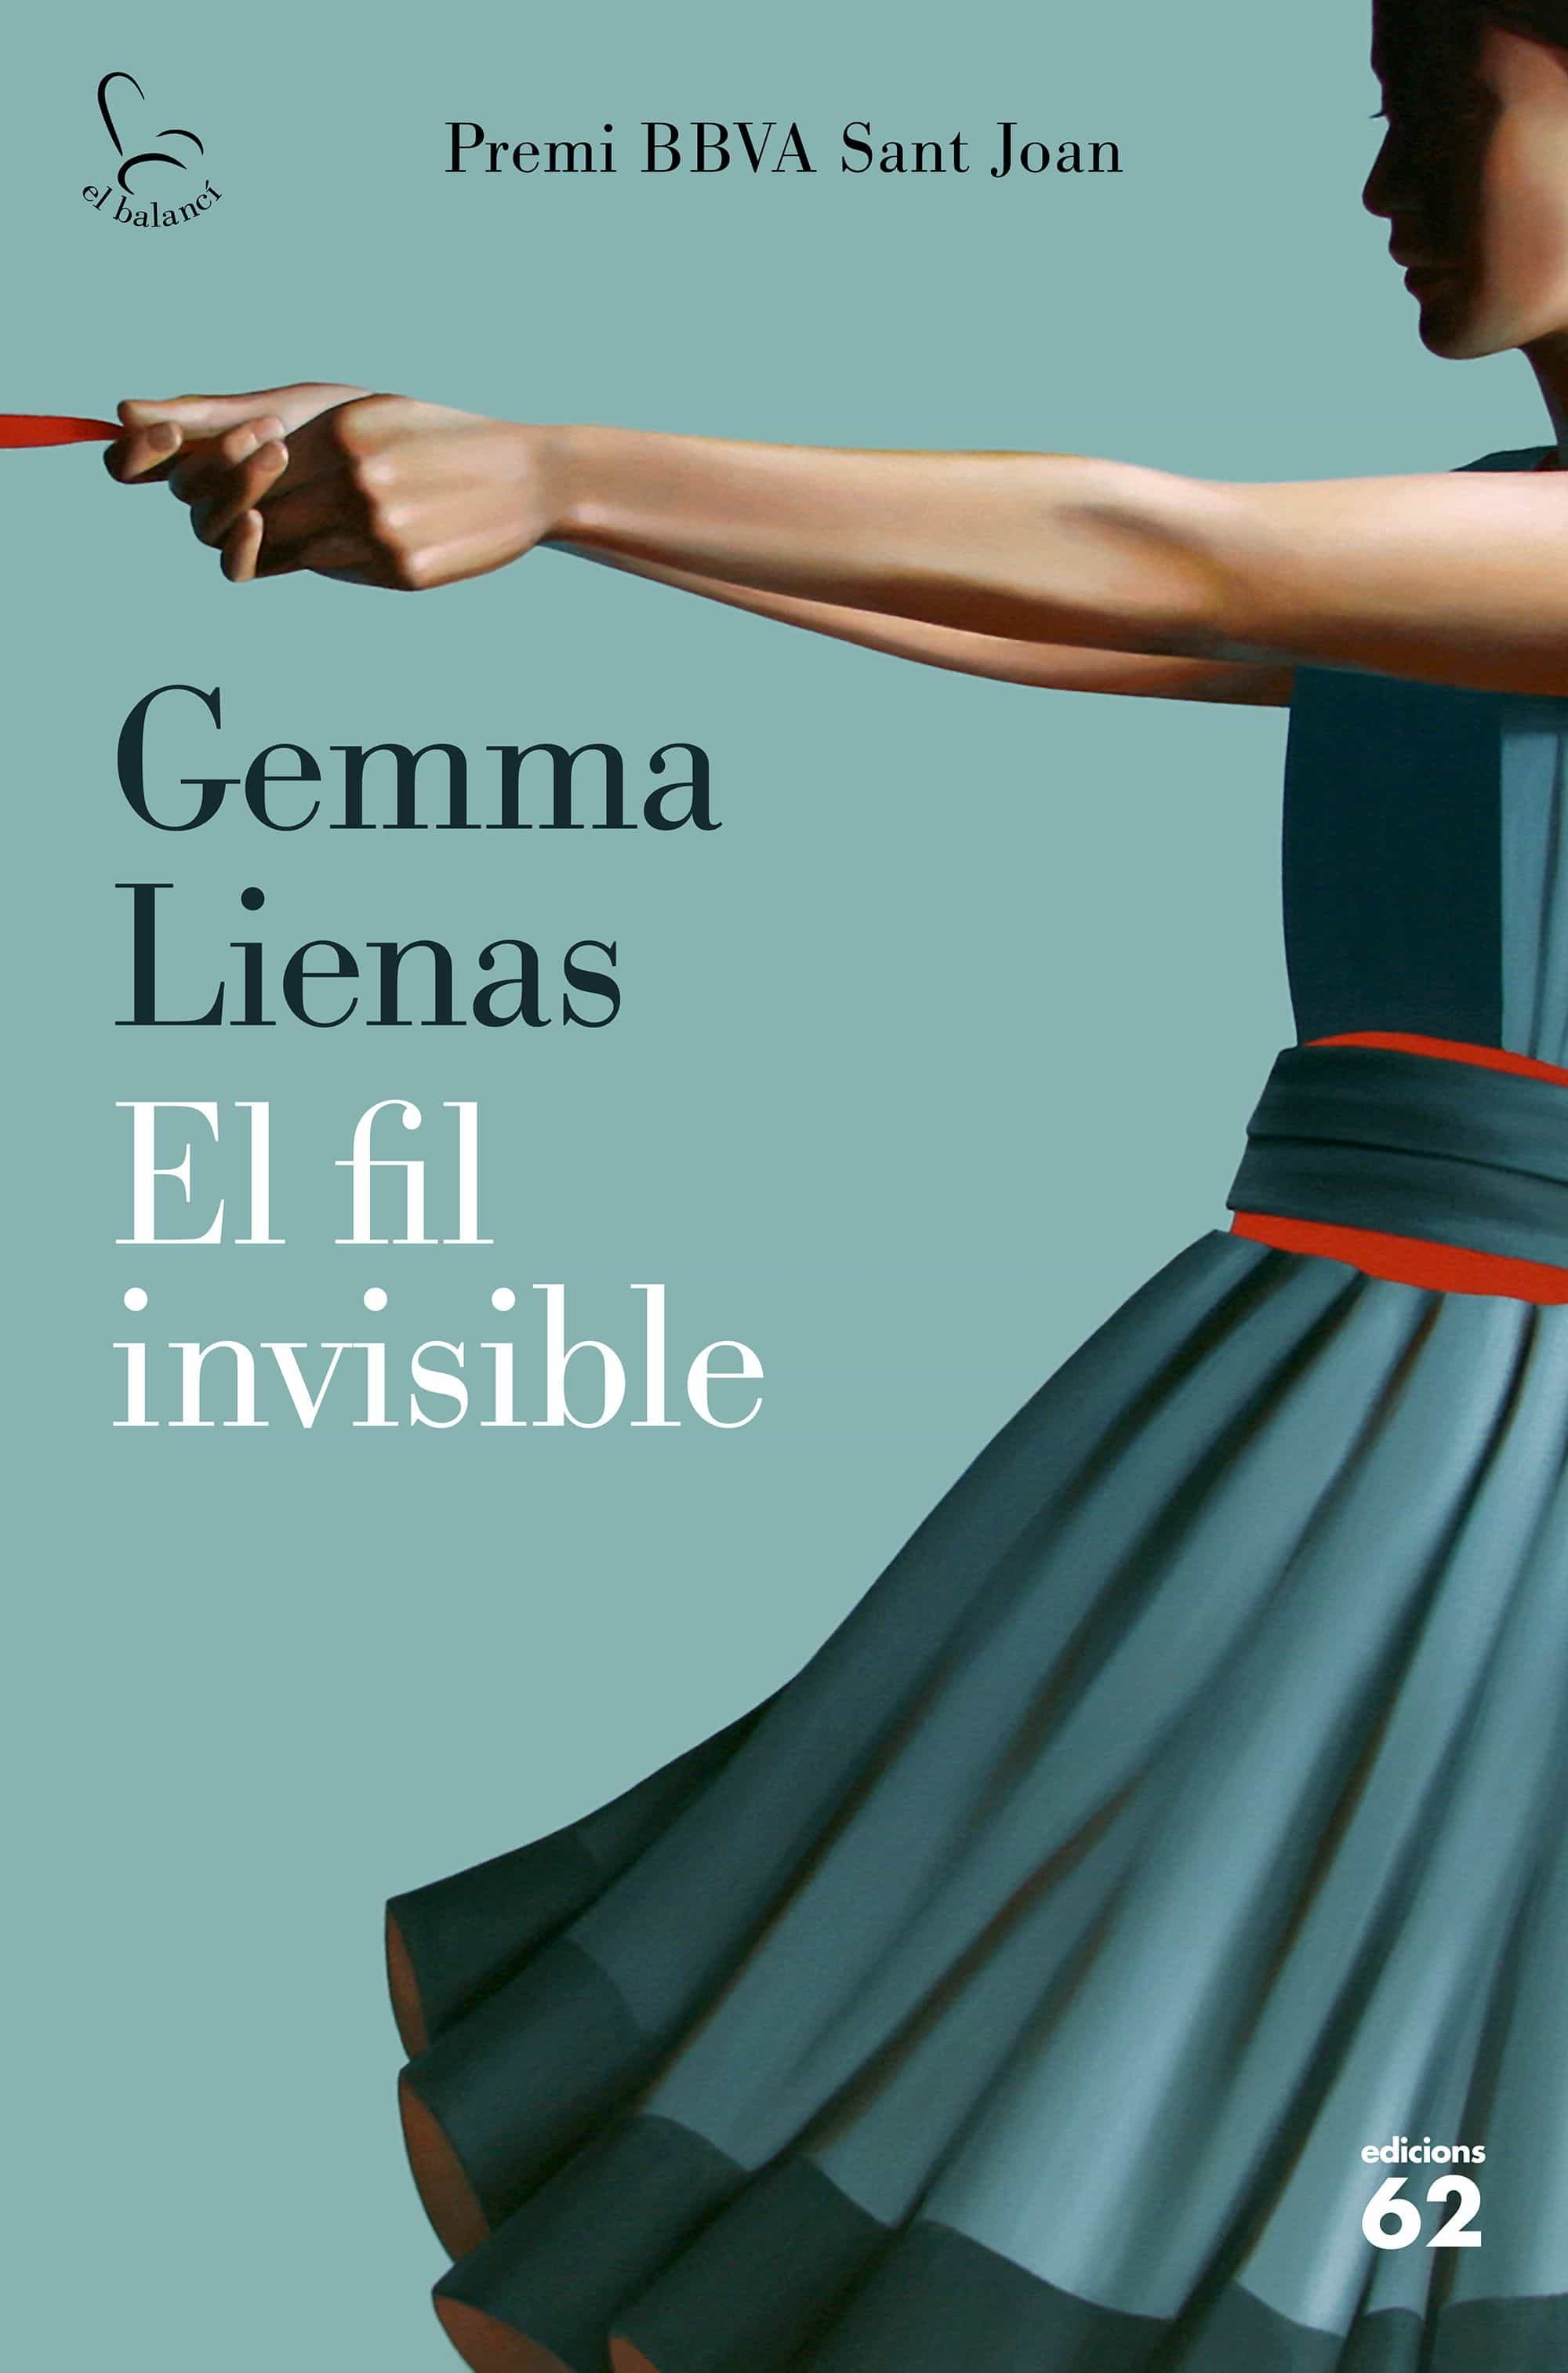 el fil invisible (premi bbva sant joan)-gemma lienas-9788429777185